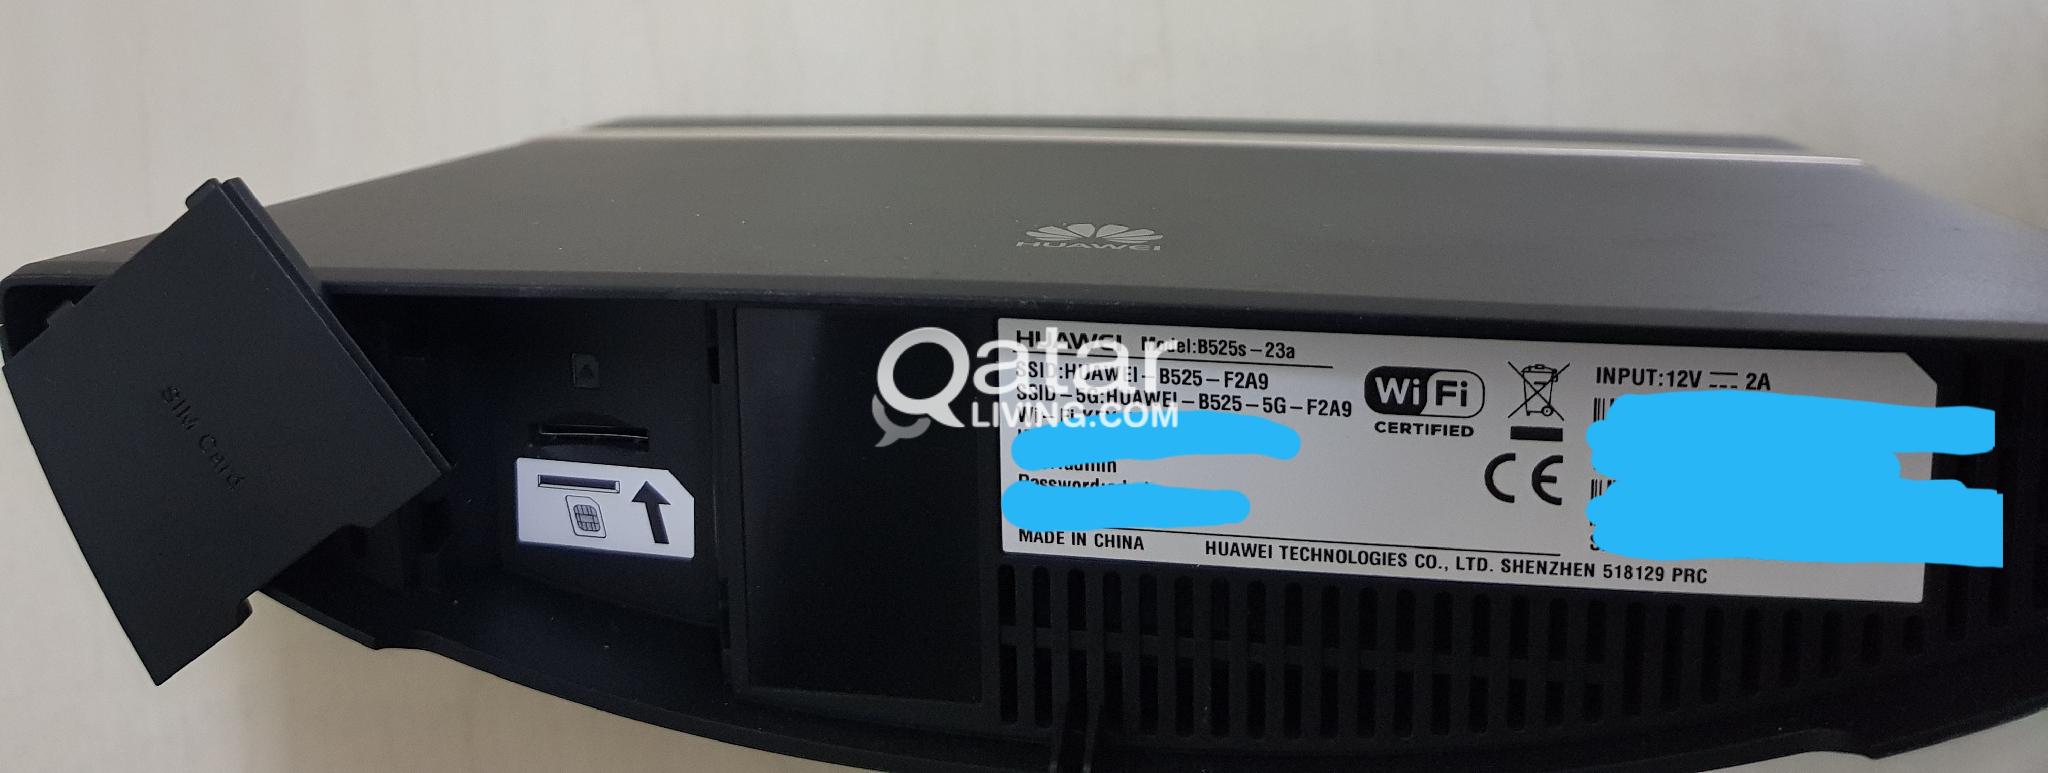 B525s-23a 4G LTE | Qatar Living